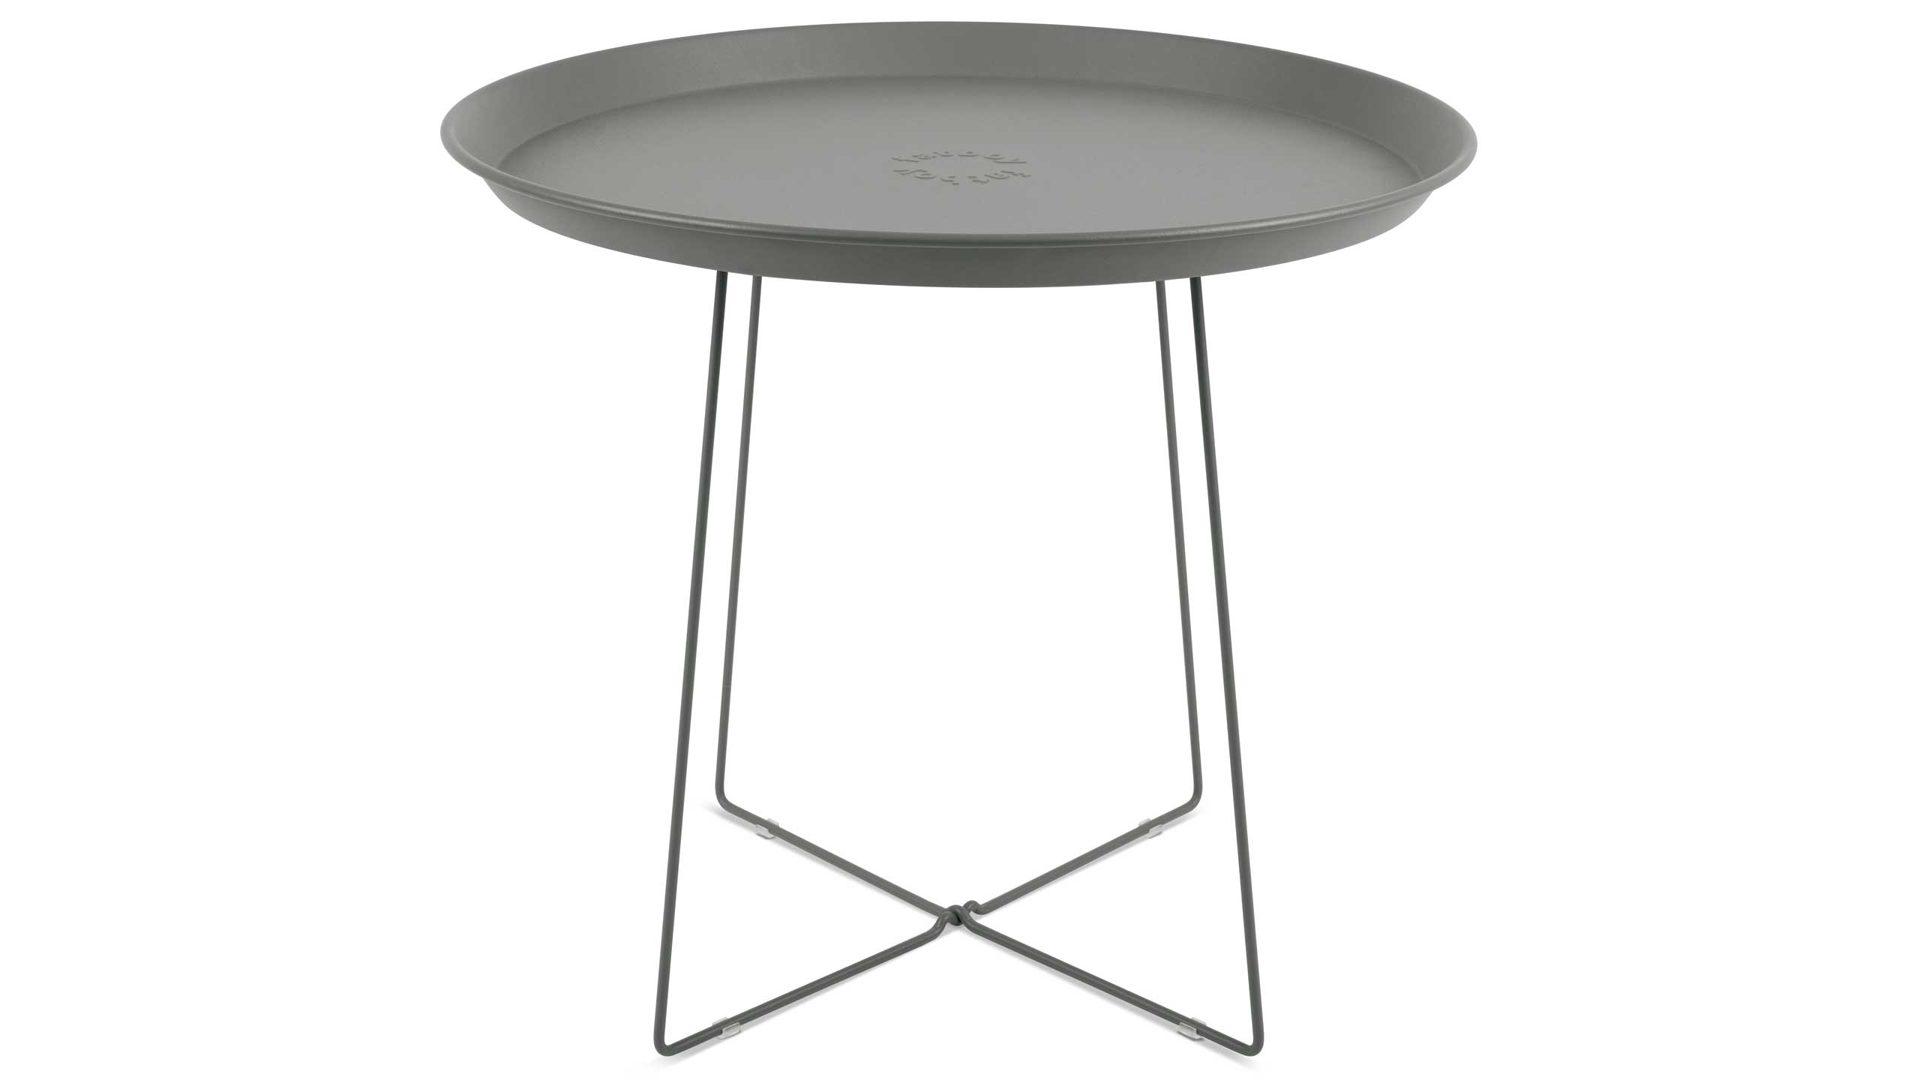 Fatboy Beistelltisch Plat O Grau Tisch Gartentisch Tisch In Grau